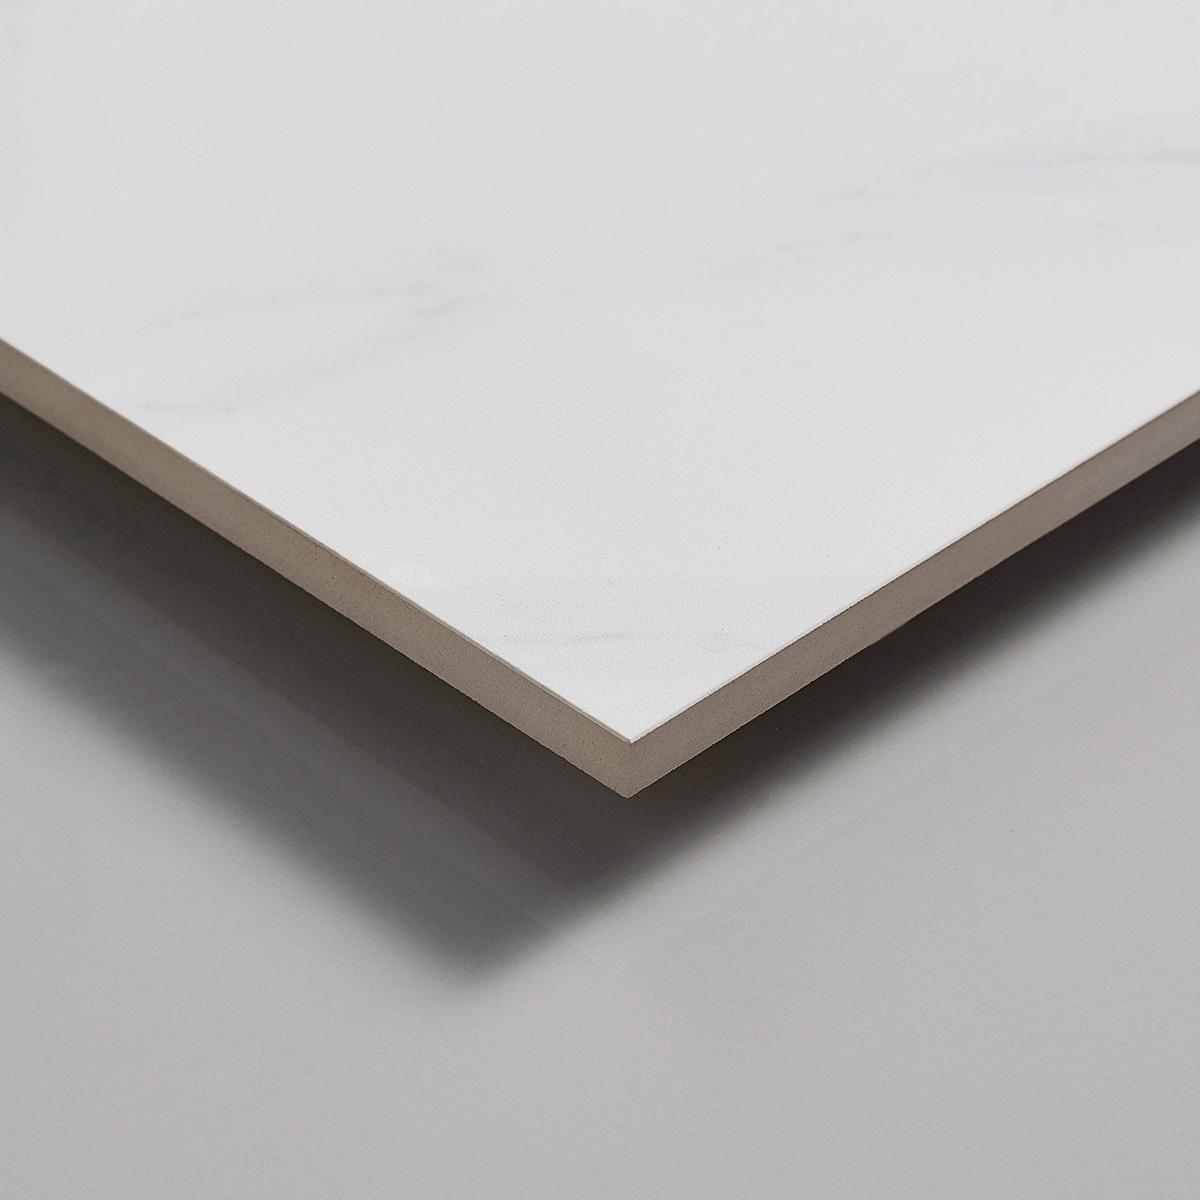 东鹏瓷砖 仿石纹瓷片600*300墨冰倒边